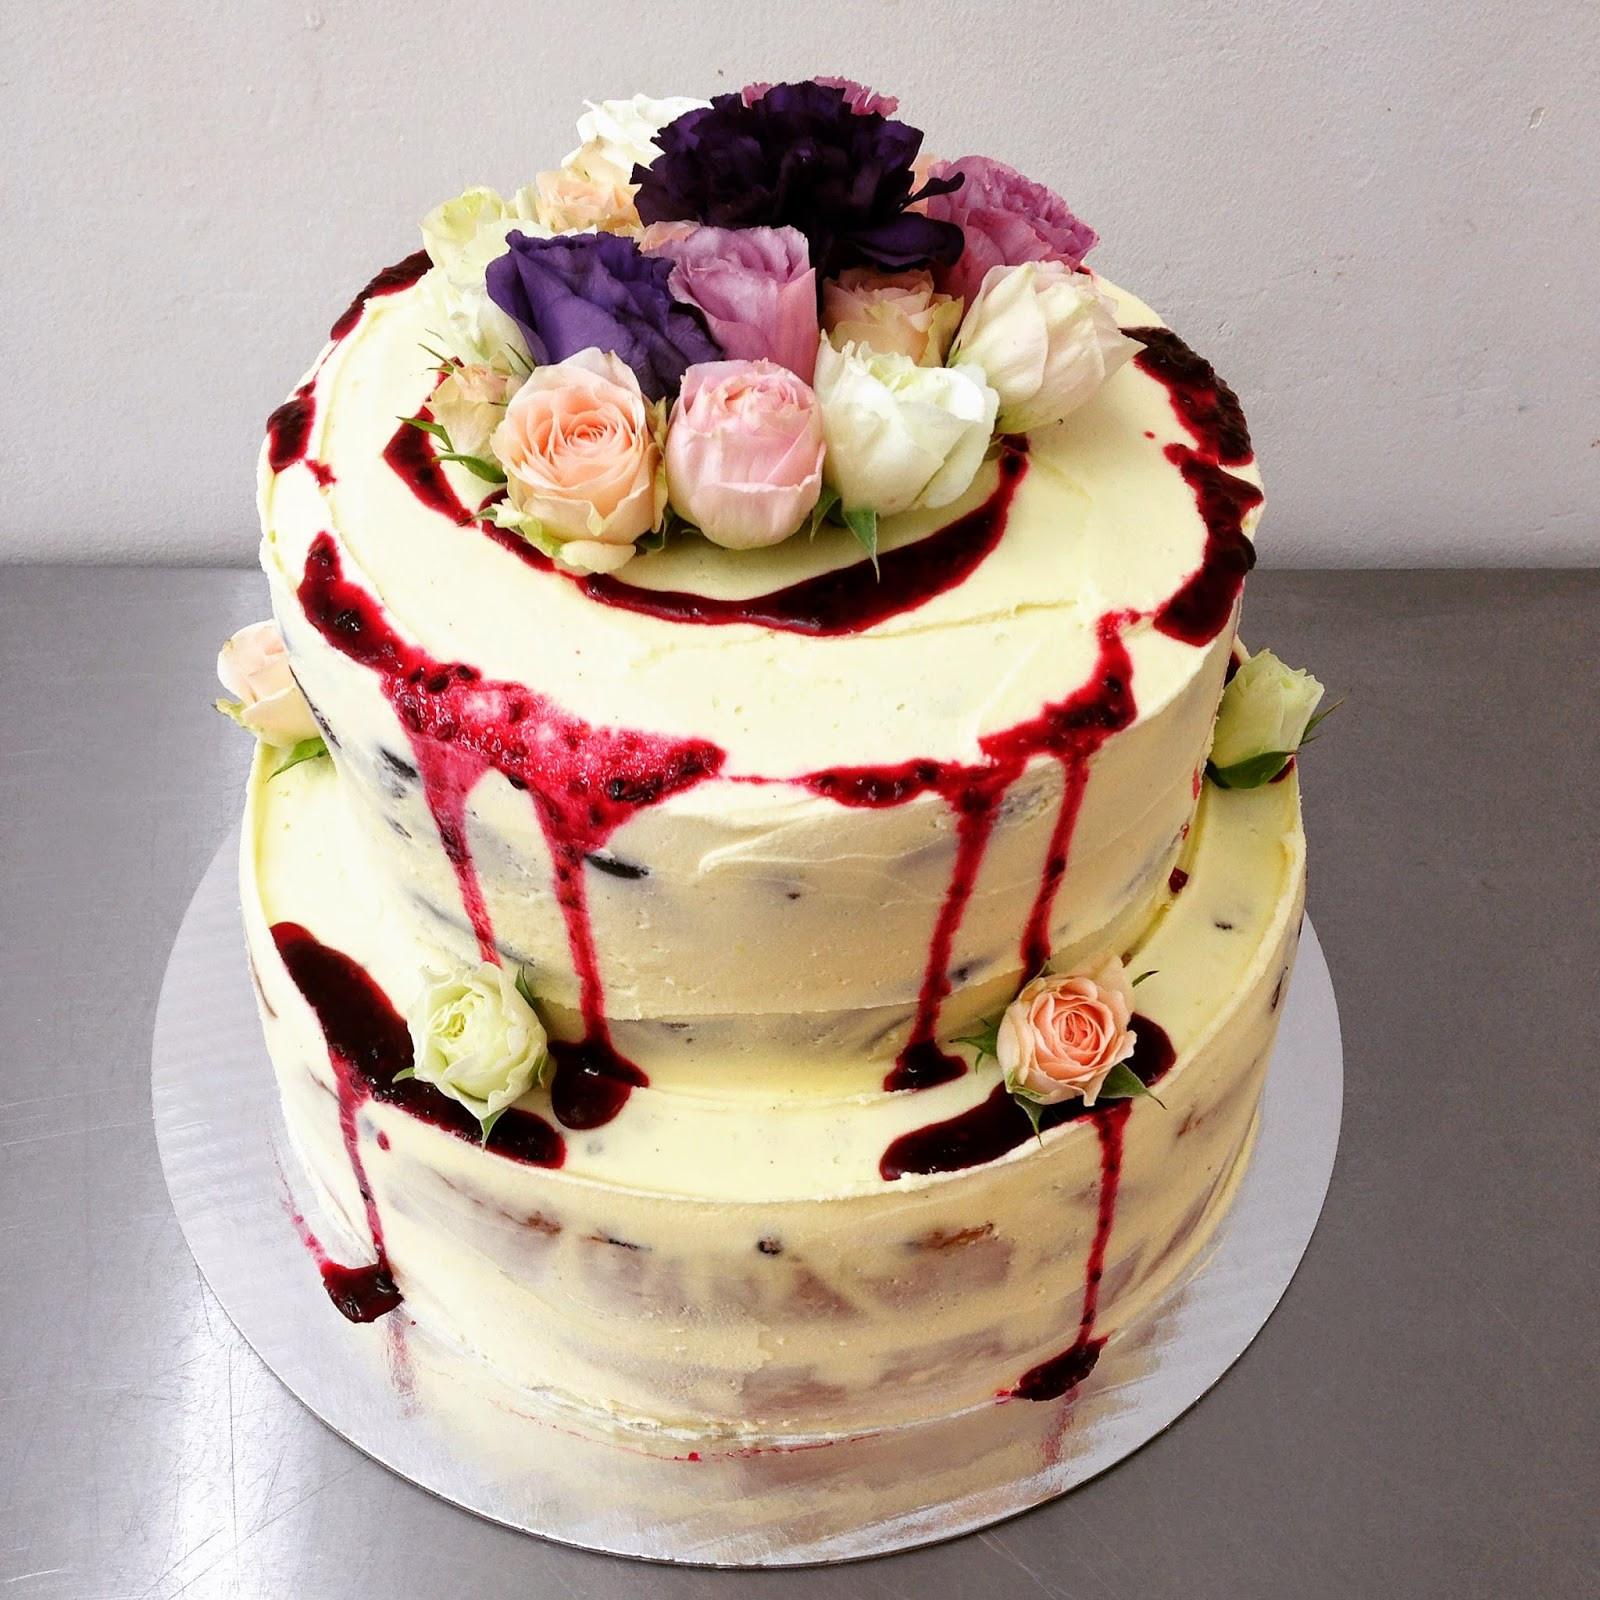 Wedding Cake Frosting Recipe  Vegan Wedding Cake Recipe